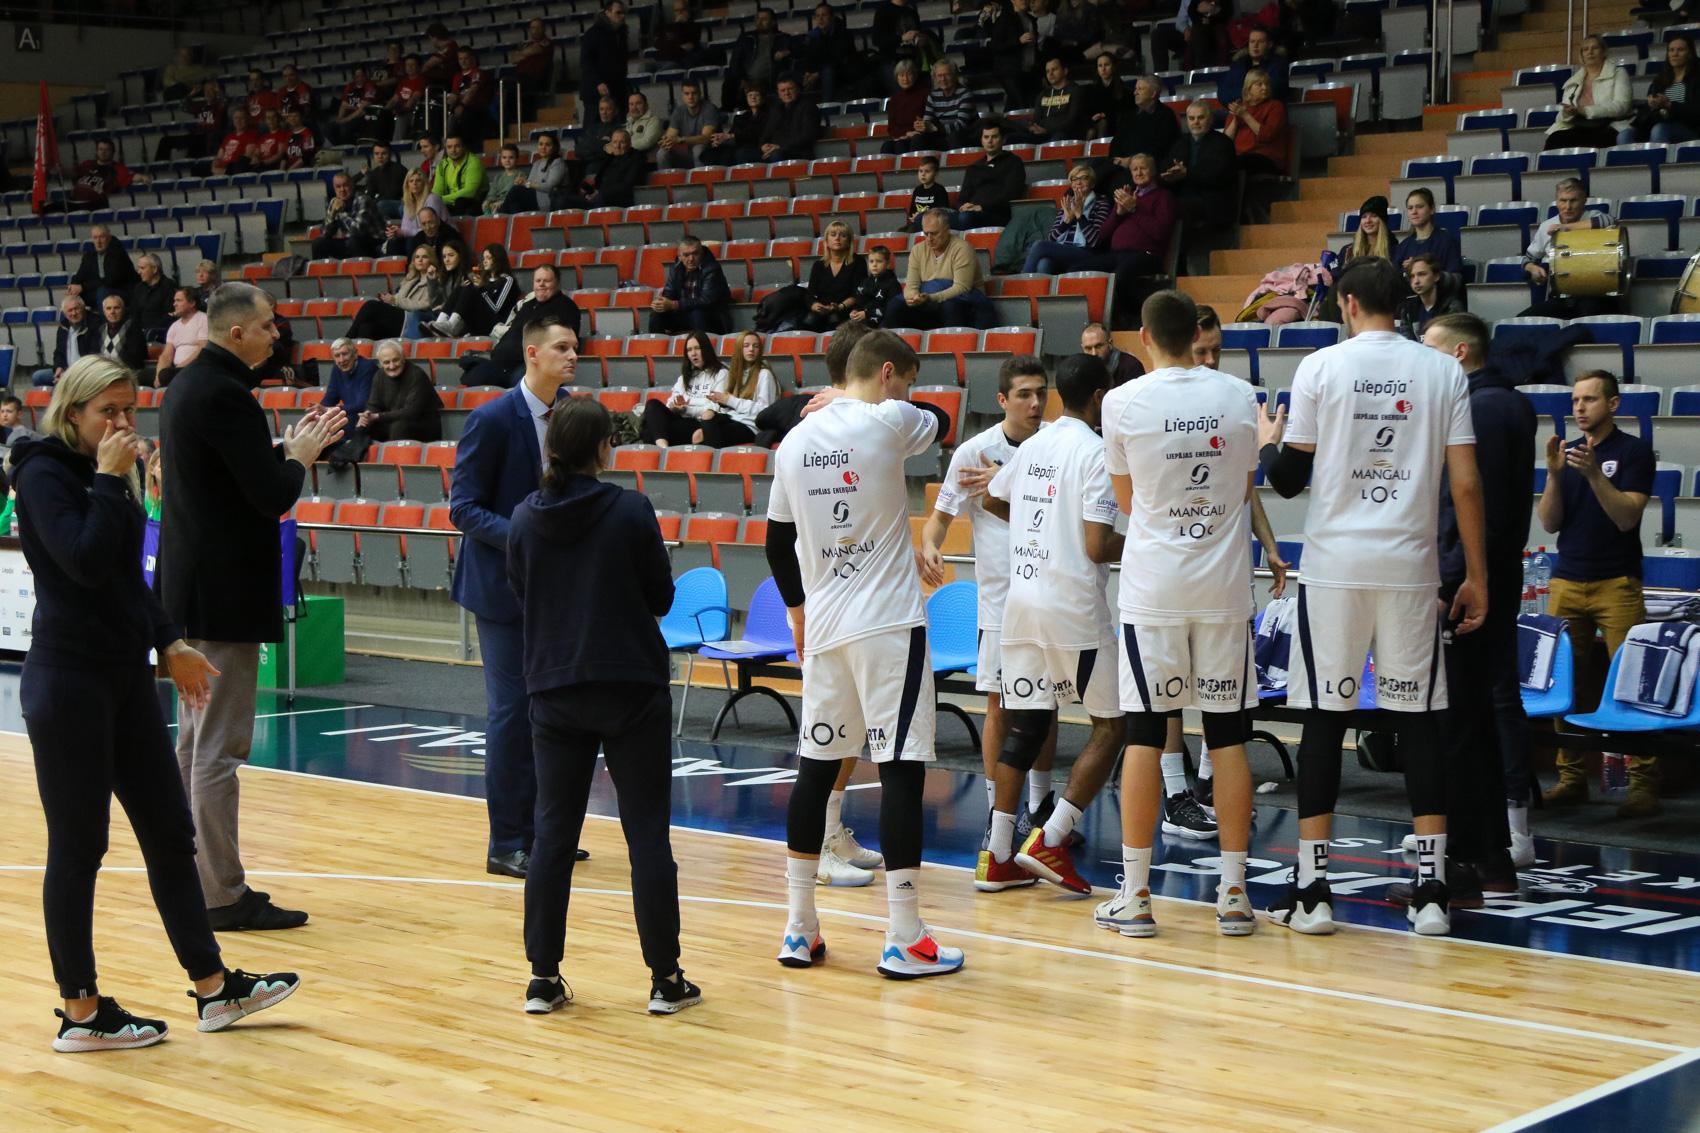 «С начала года мы в состоянии рестарта» – Шталбергс объясняет перемены в лиепайском баскетболе